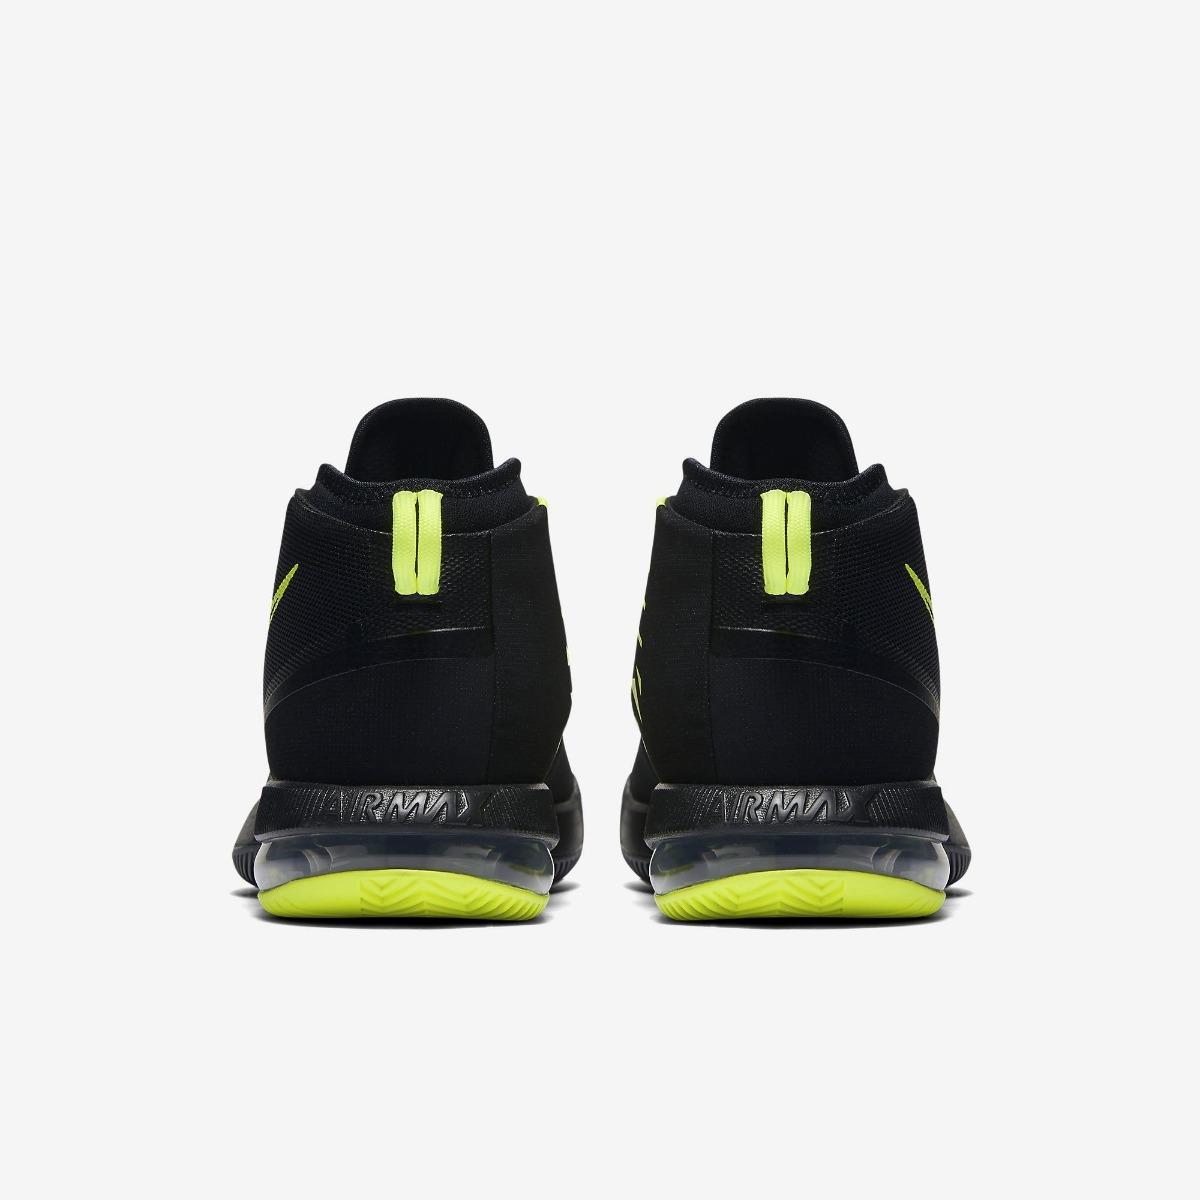 1332a88768a Tênis Nike Air Max Dominate - Basquete - Valor Negociável - R  550 ...